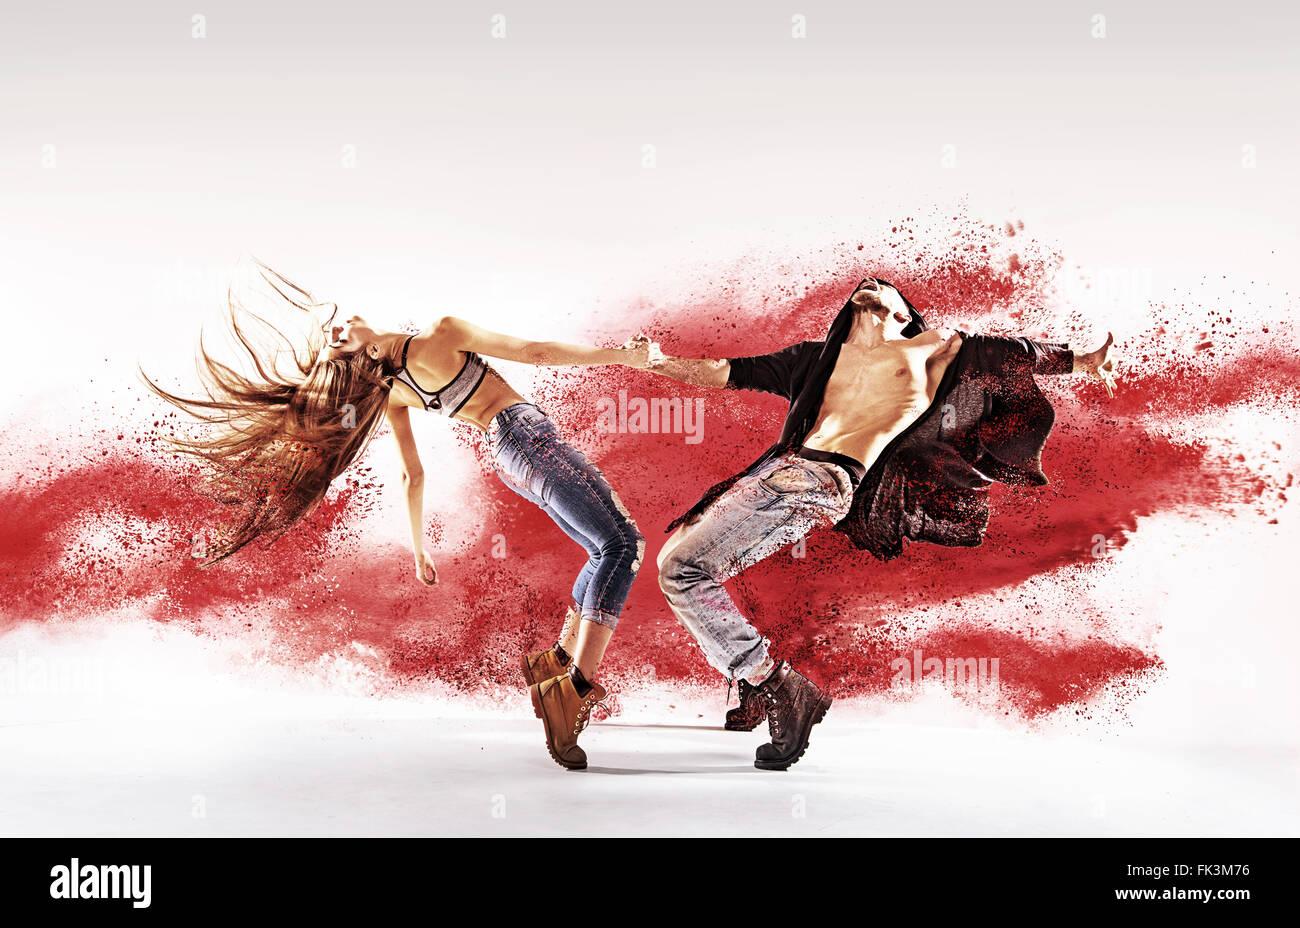 Talentierte junge Tänzerinnen und Tänzer, die roten Sand streuen Stockbild